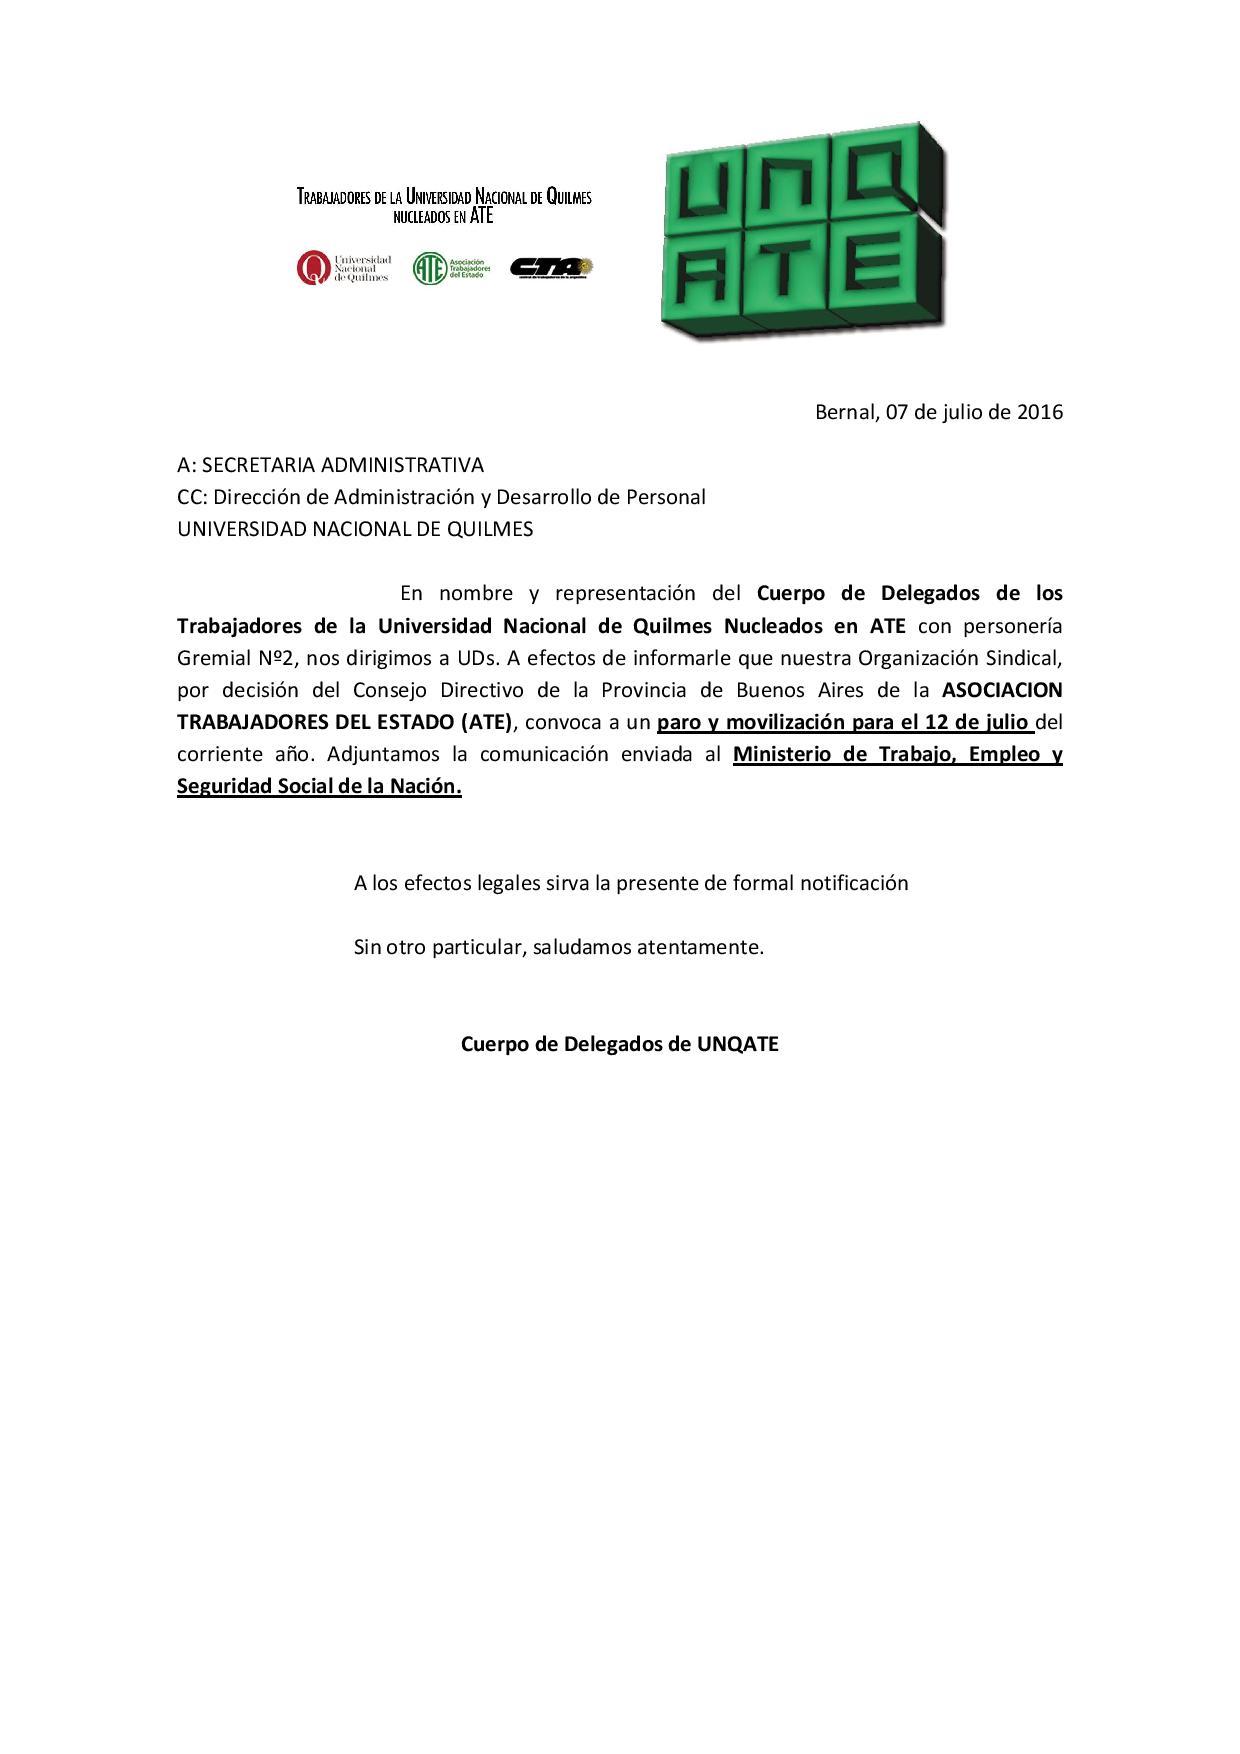 Notificacion-PARO-120716-page-001